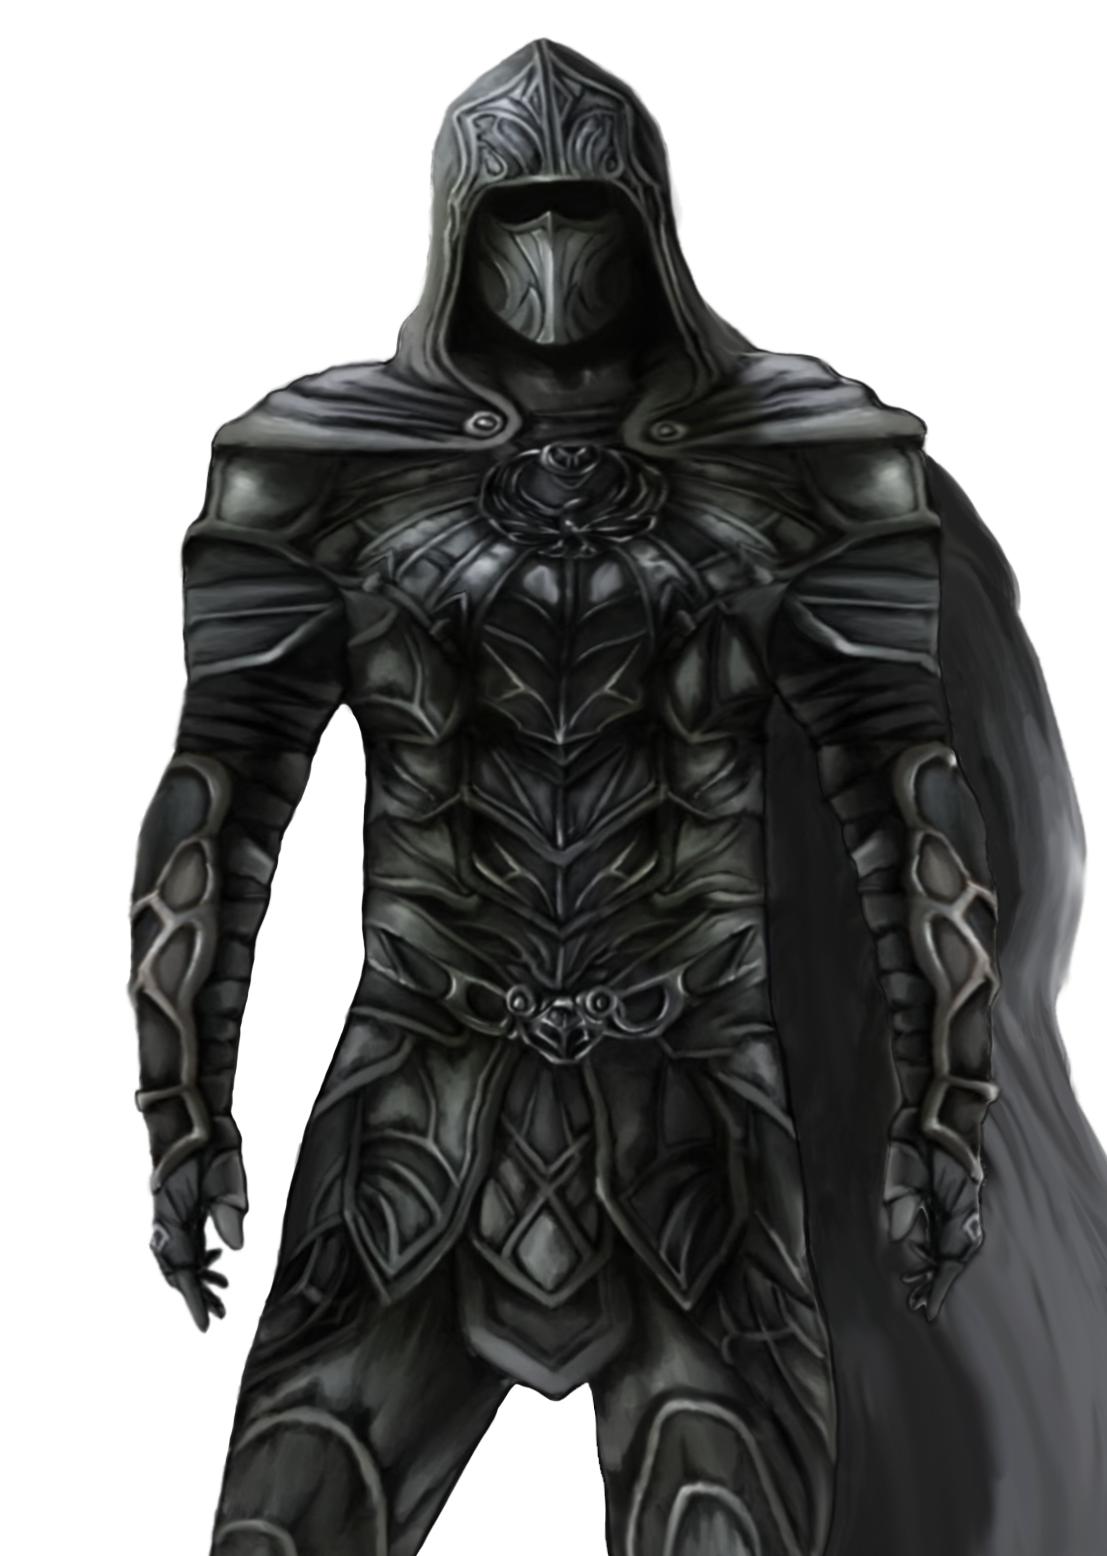 Drawn amour nightingale Armor Nightingale DeviantArt by Armor